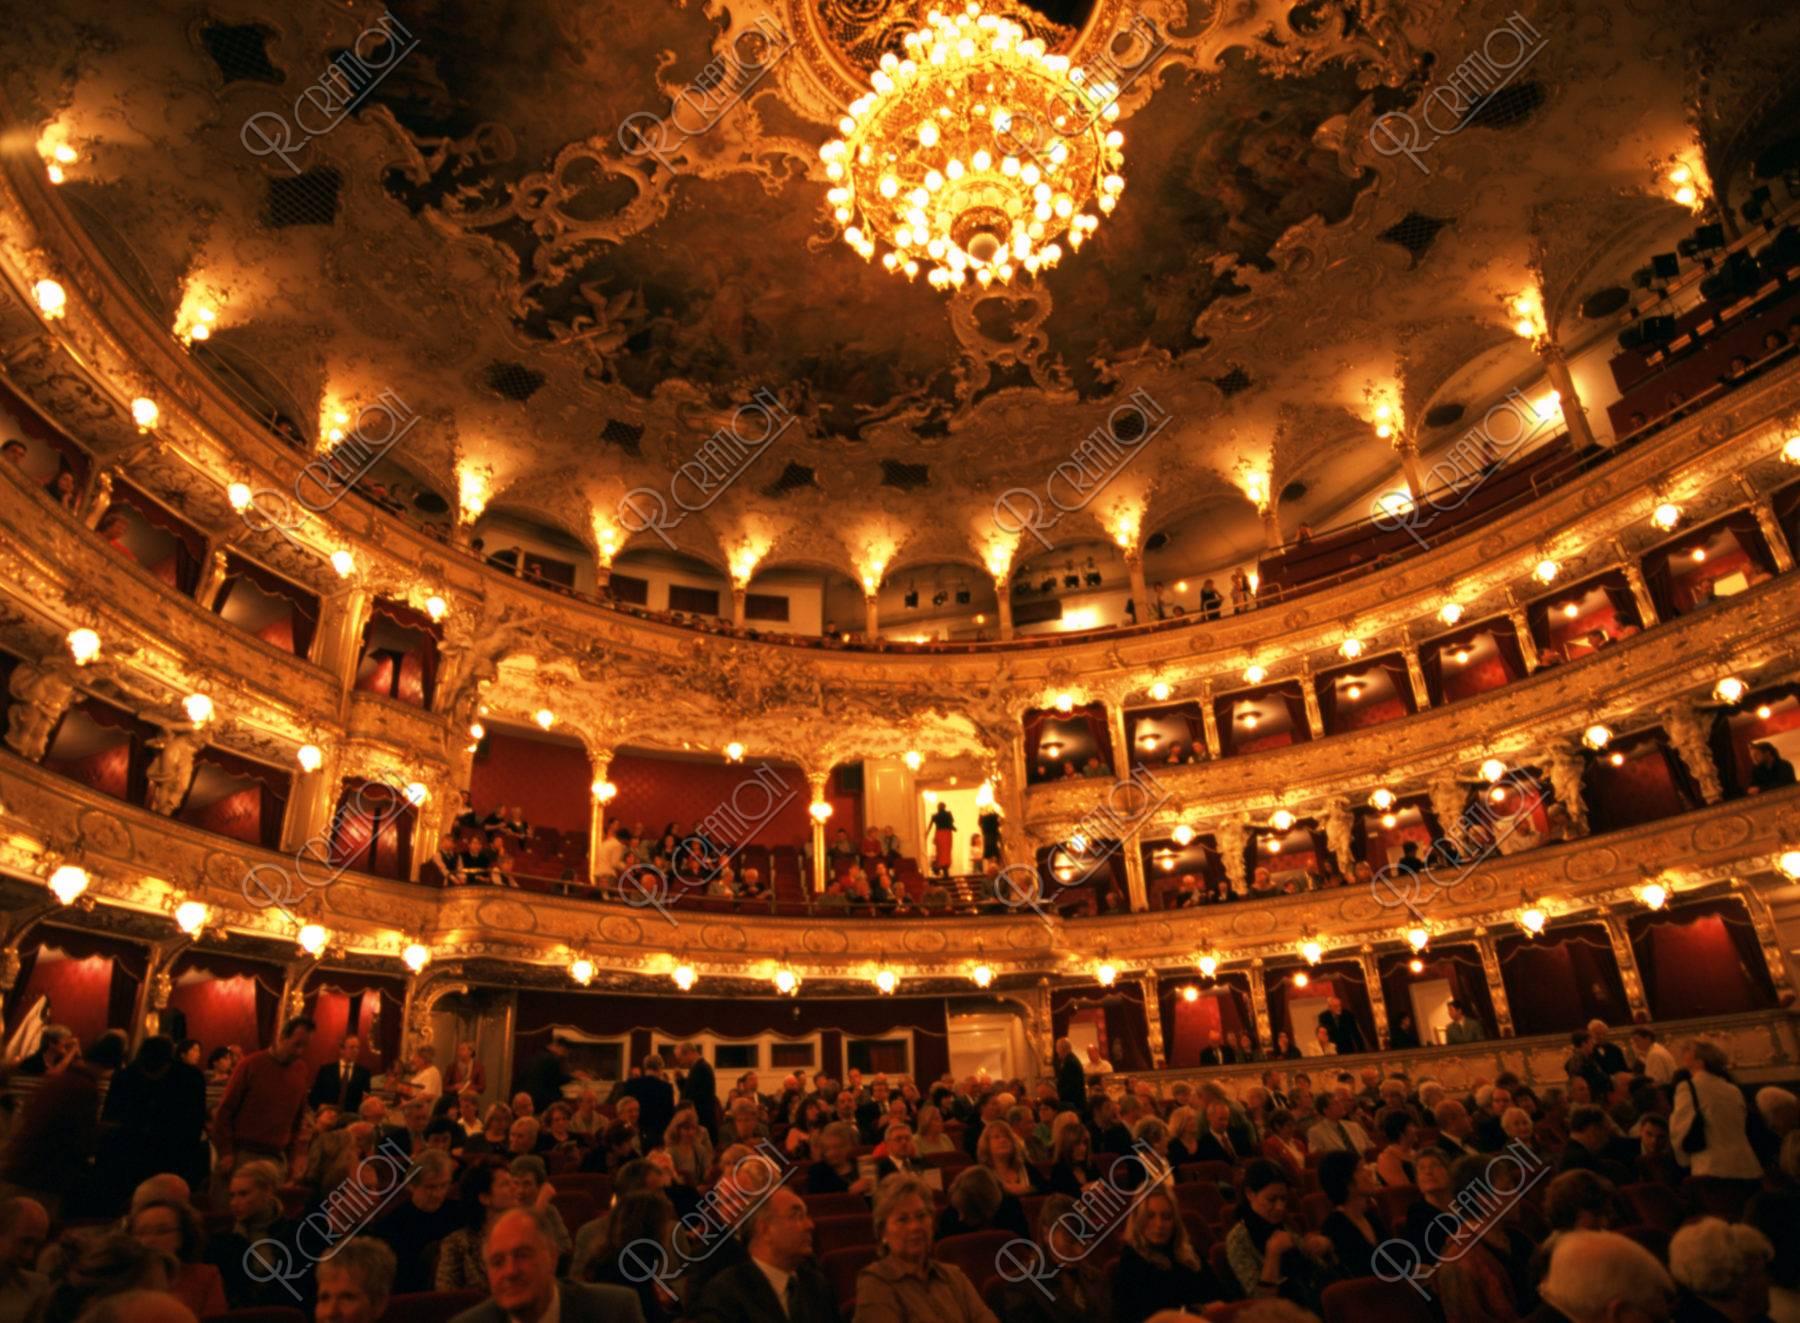 国立オペラ劇場 内部